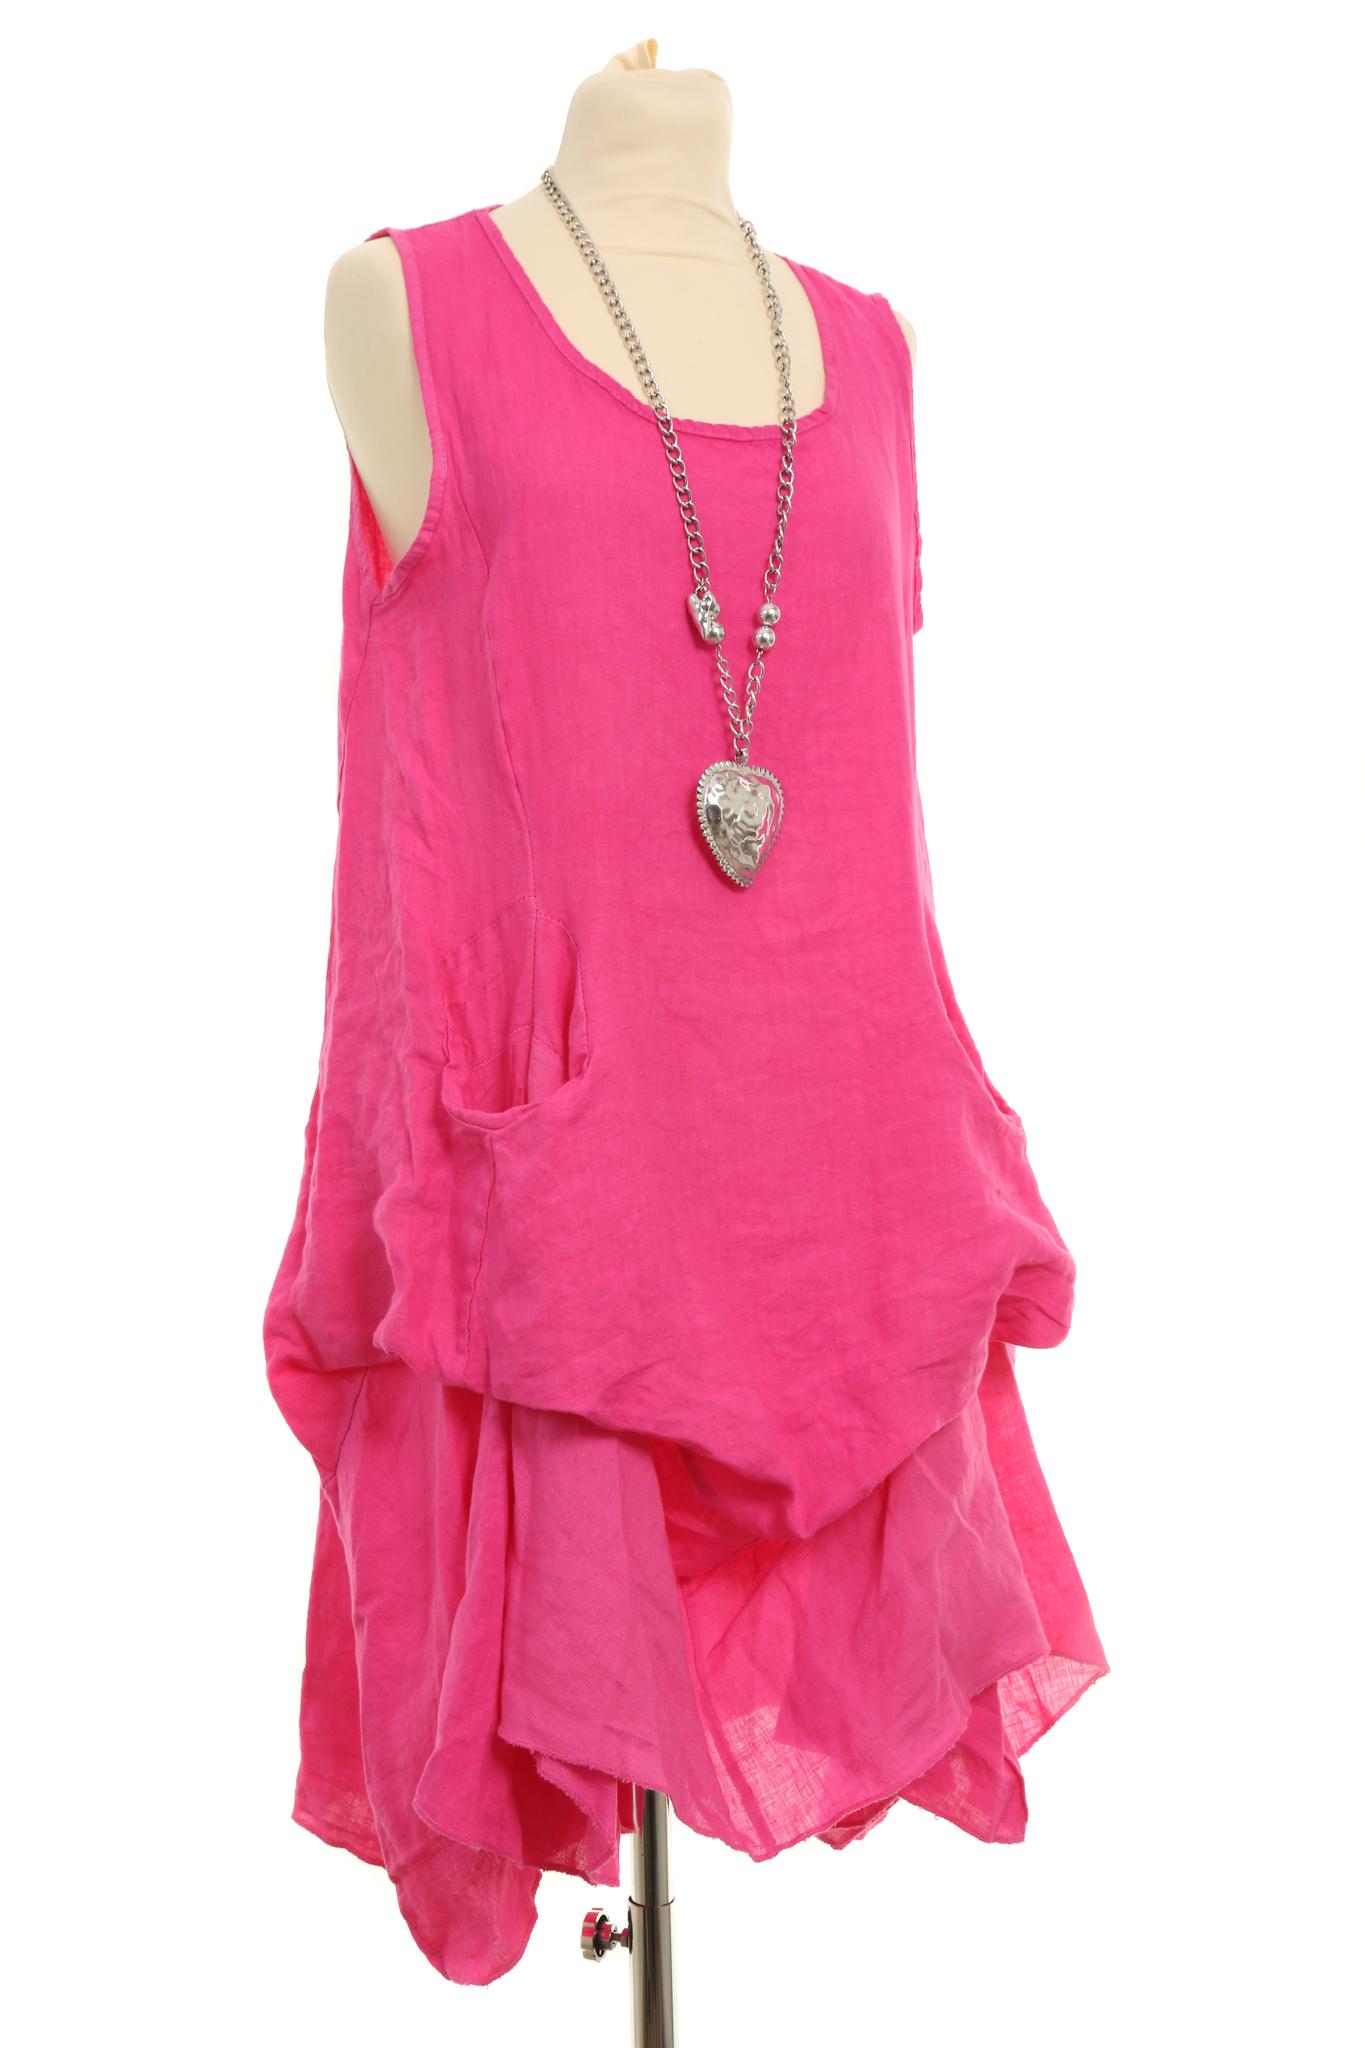 29334877d43 Gorgeous Italian linen lagenlook tunic dress quirky mock pocket detail -  Saffy - BoutiqueJ2S